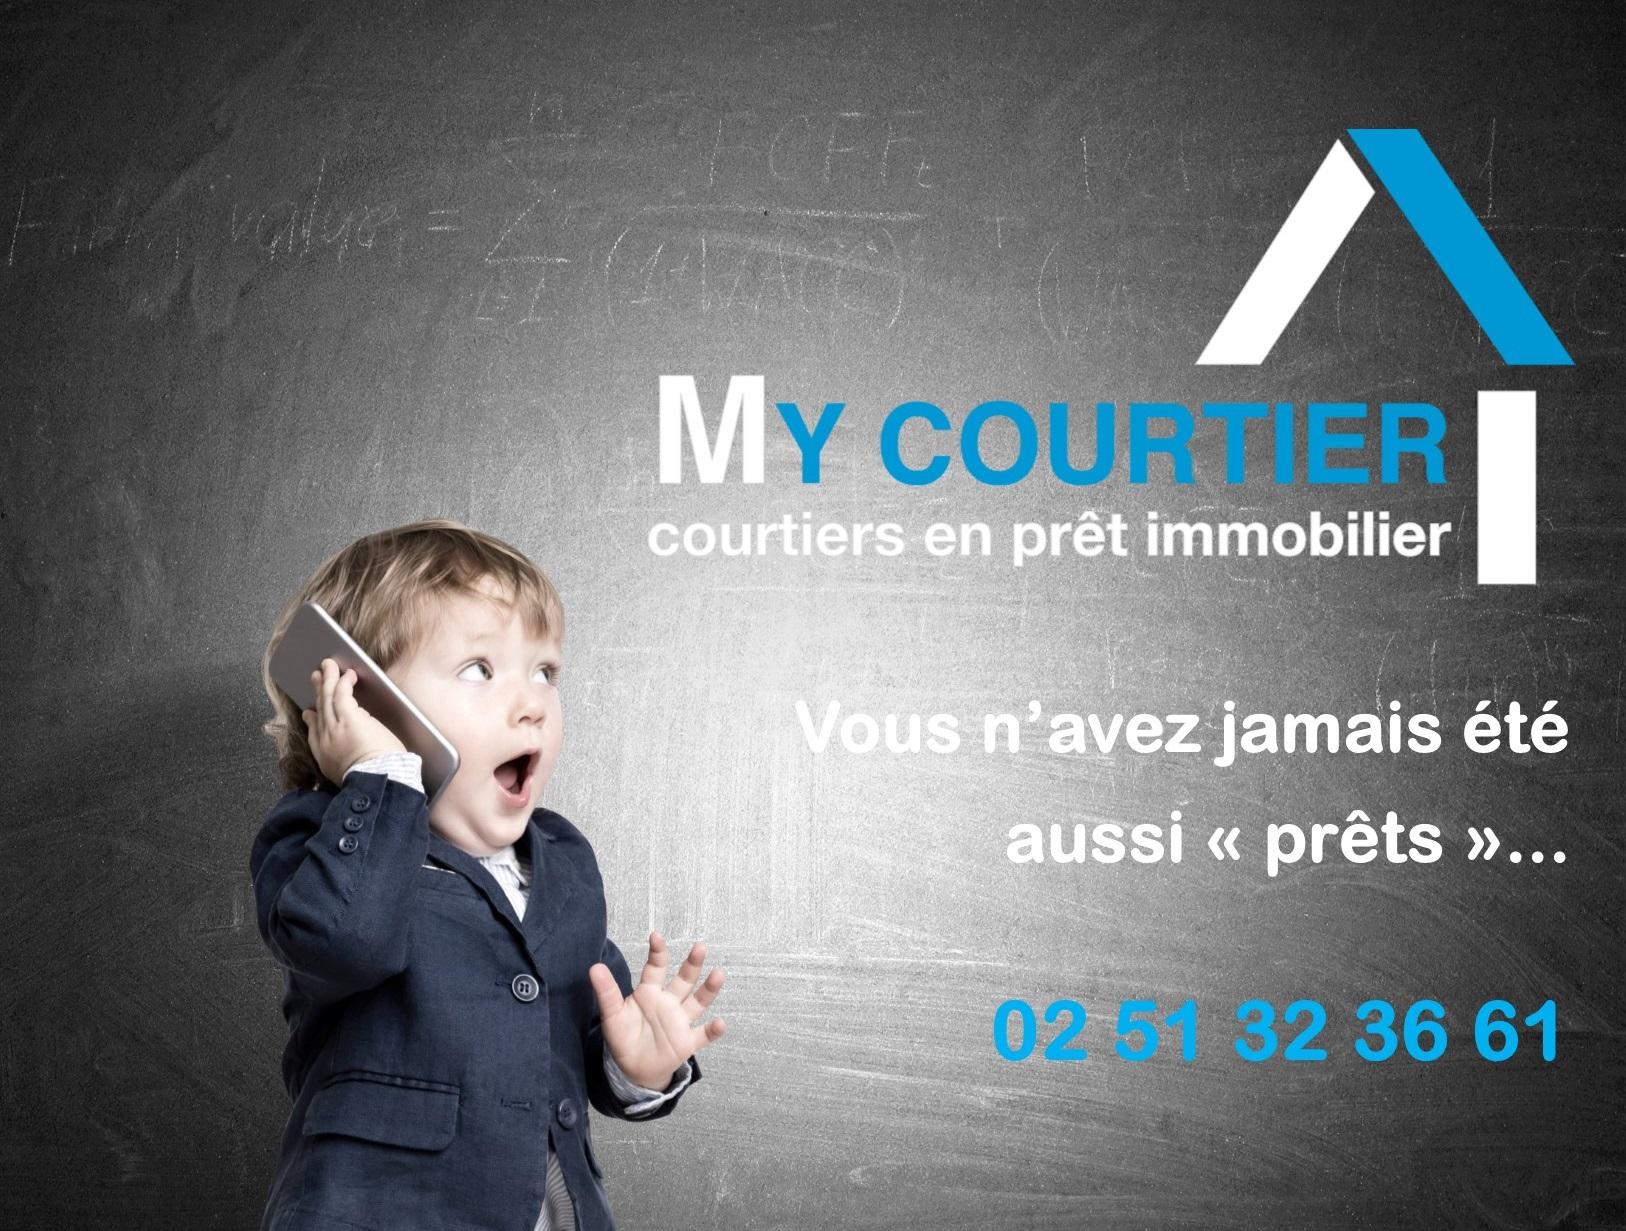 Primo-accédants, particuliers ou chefs d'entreprise, faites appel aux services My Courtier pour vos prêts immobiliers !